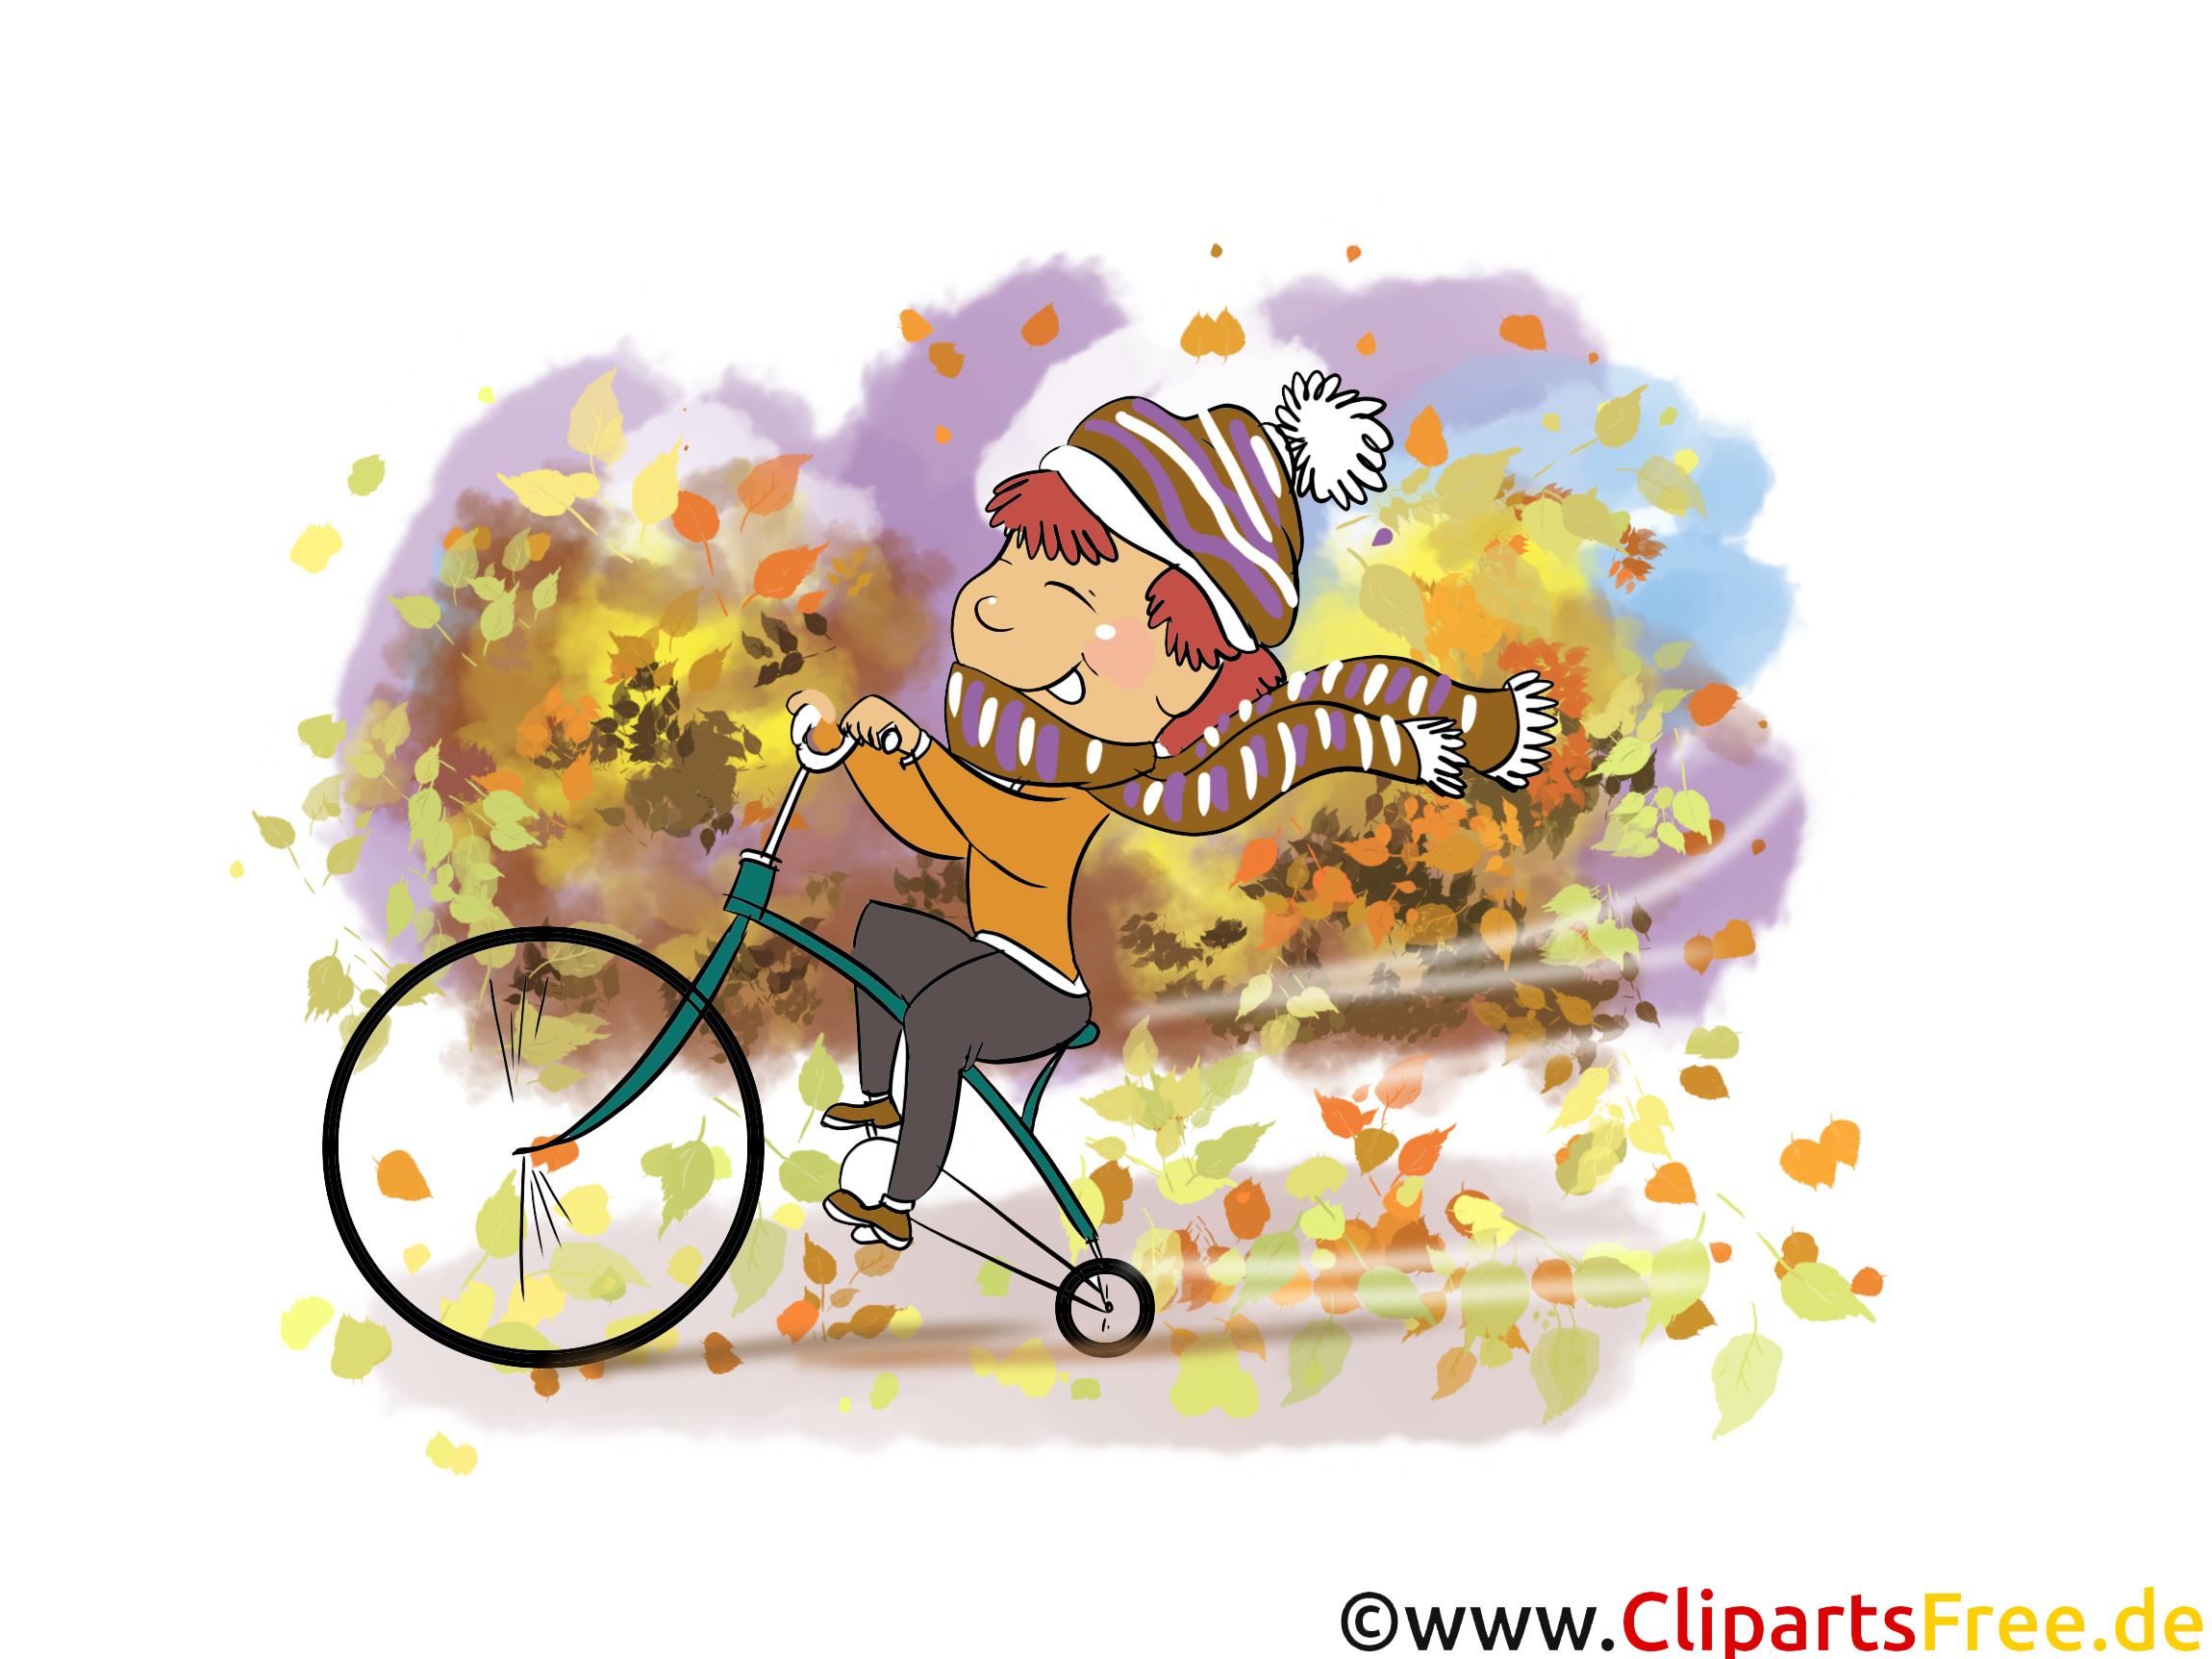 Herbst Bilder kostenlos - Junge fährt Fahrrad im Park